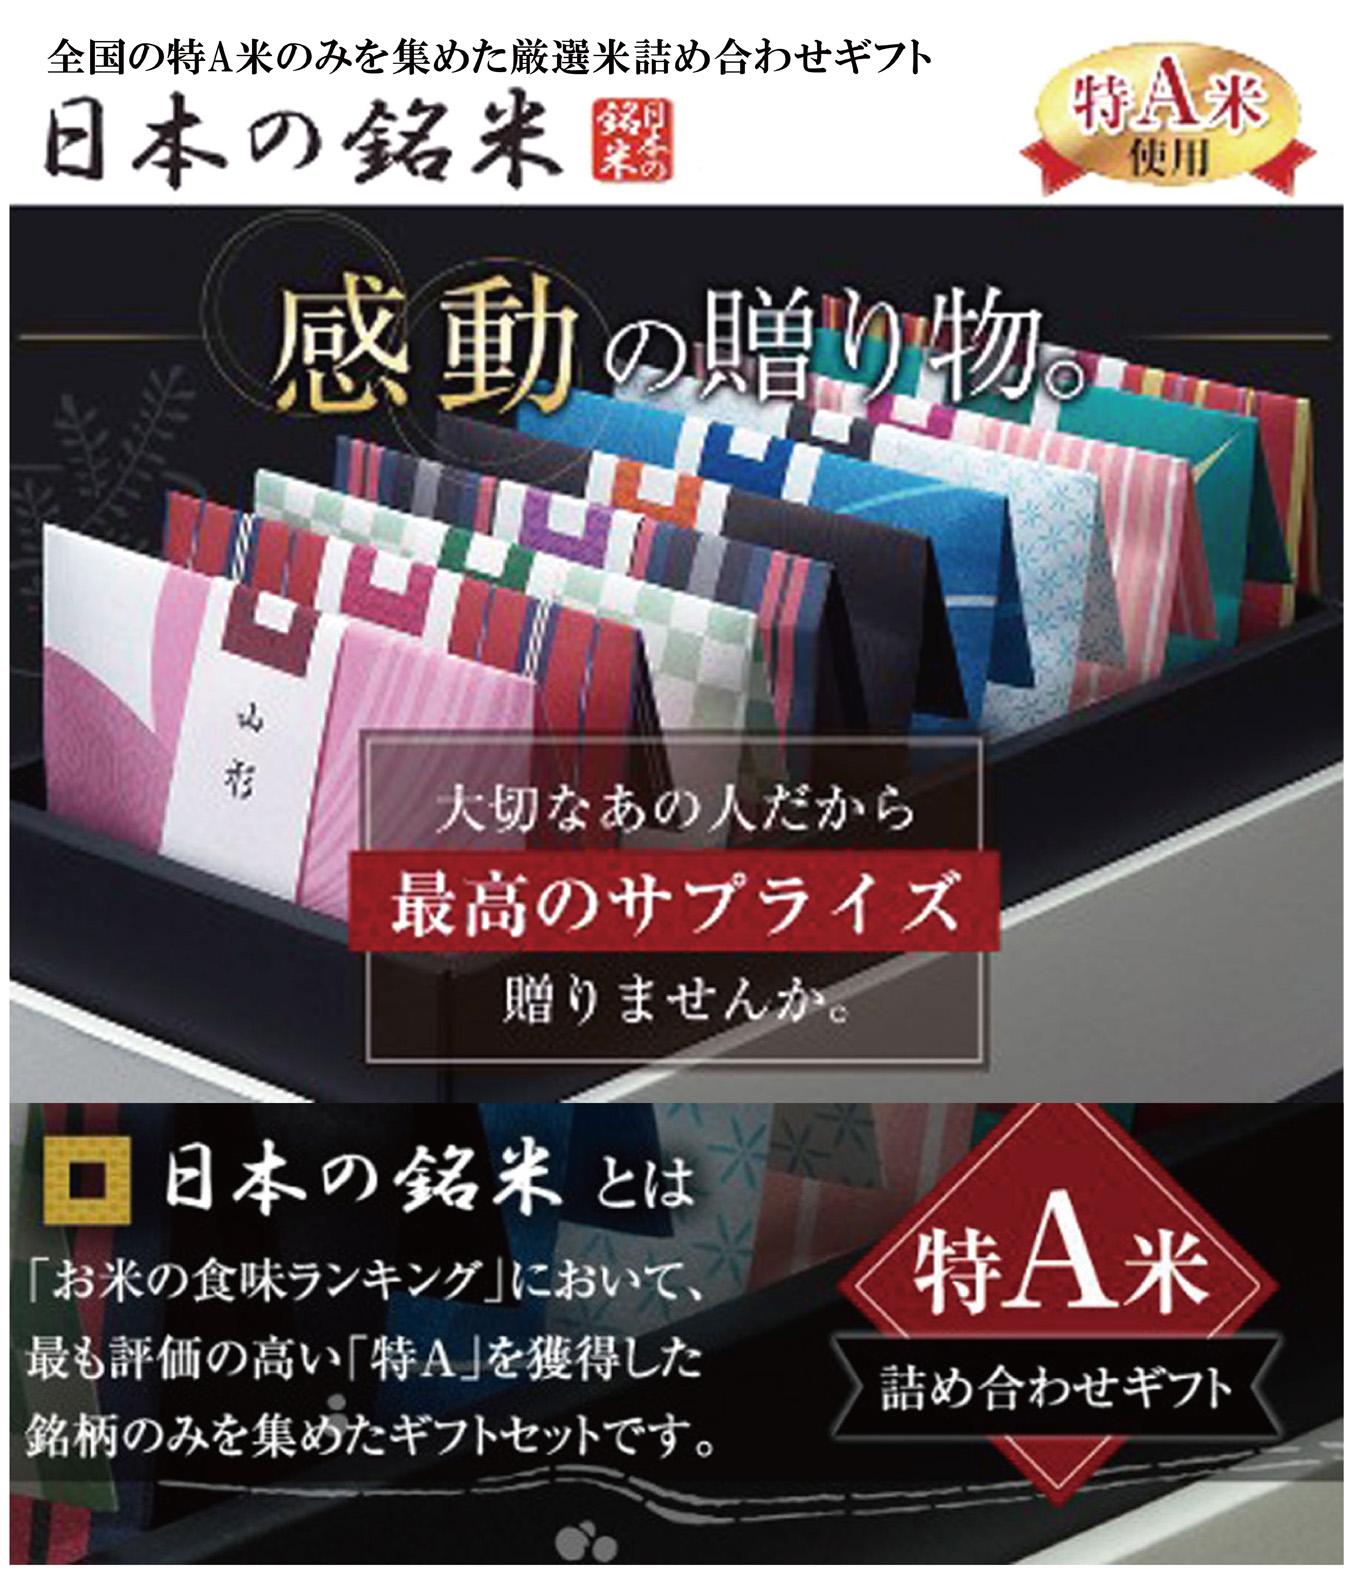 2010 秋 ネットショップ大賞 ギフト 総合1位